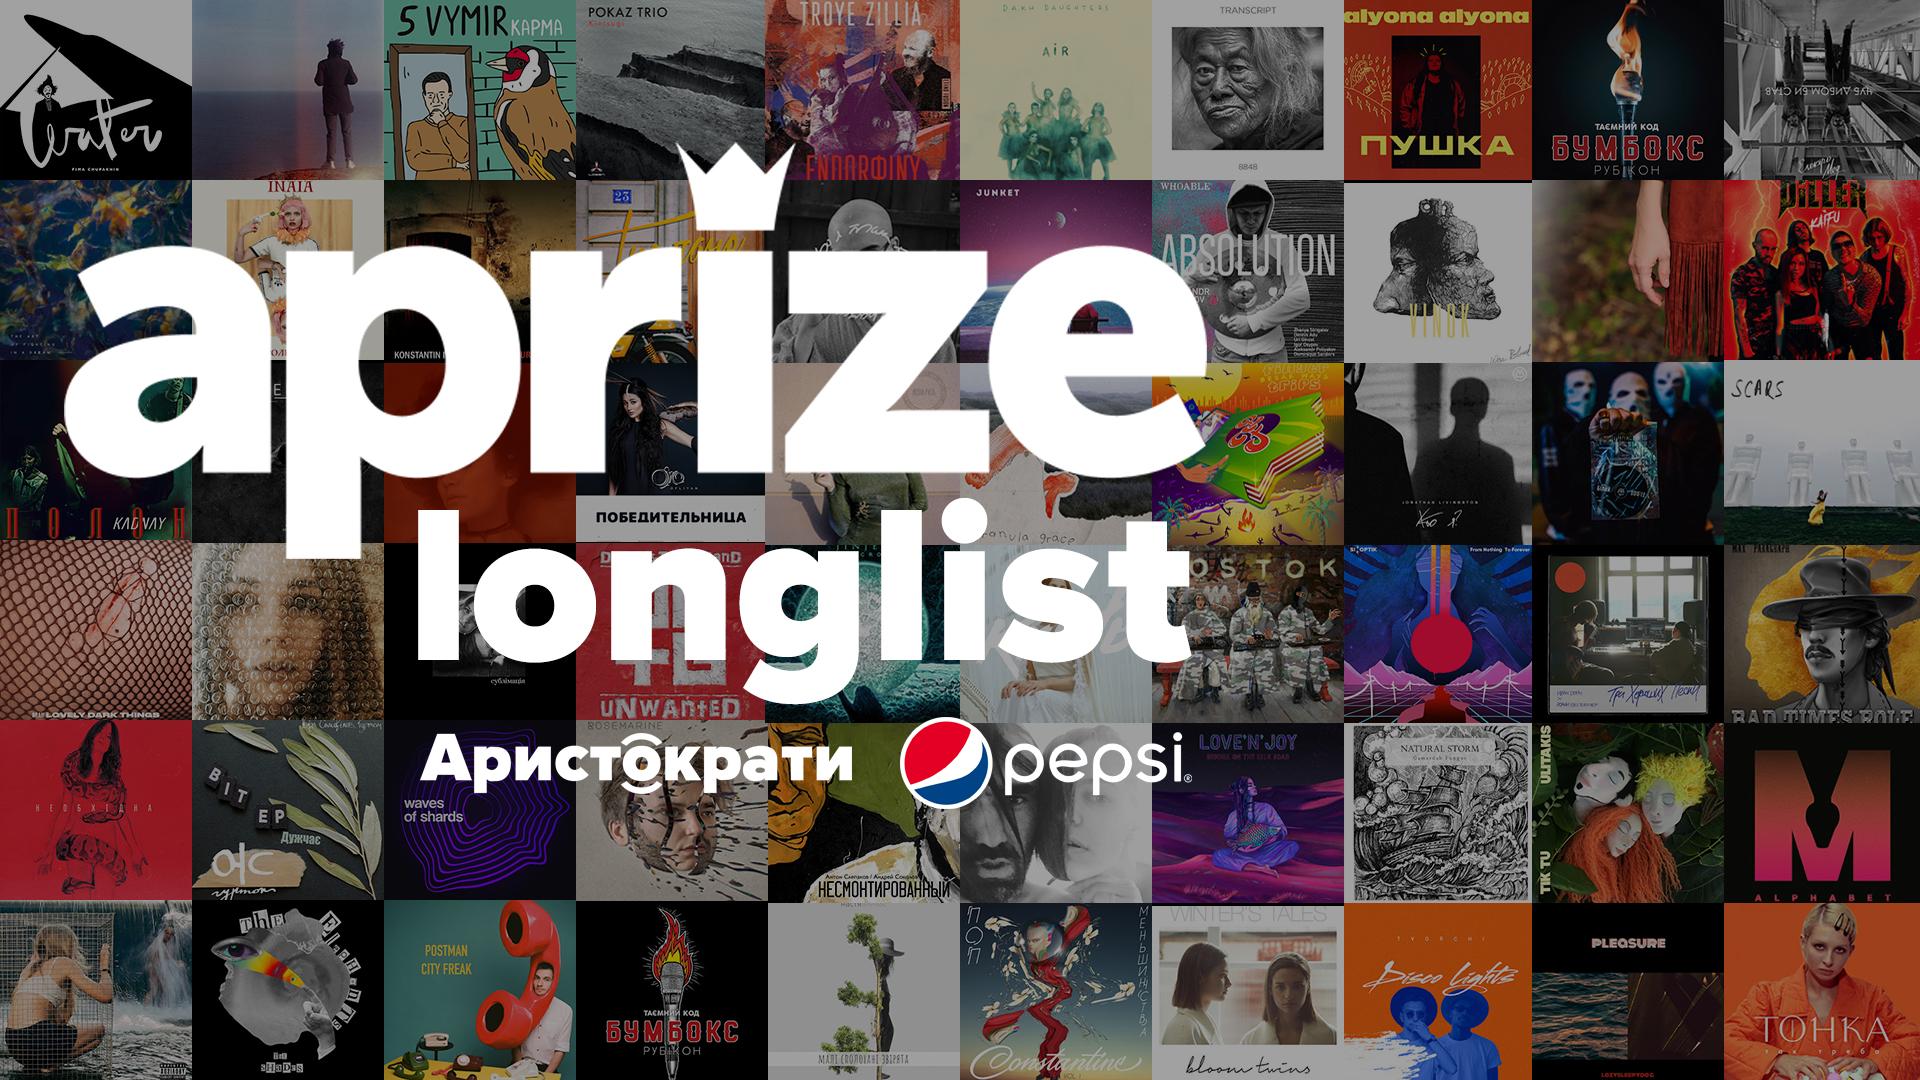 Тернополяни претендують на перемогу в премії Aprize за найкращий музичний альбом рокуІталійські бренди: ті, що змінили історію моди